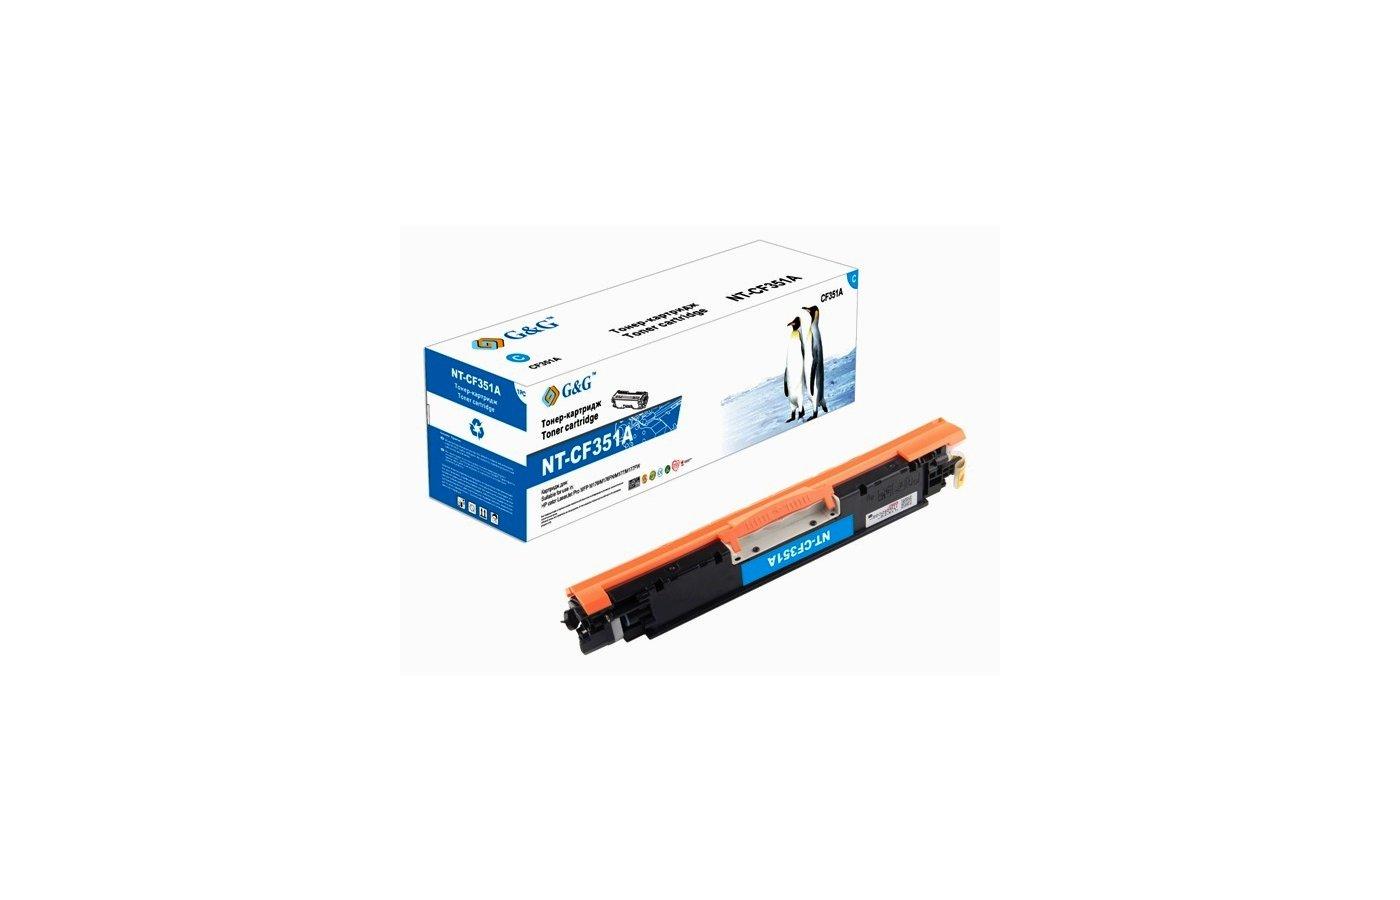 Картридж лазерный GG NT-CF351A голубой для НР LaserJet Pro Color M176/176FN/M177/M177FW (1000стр)